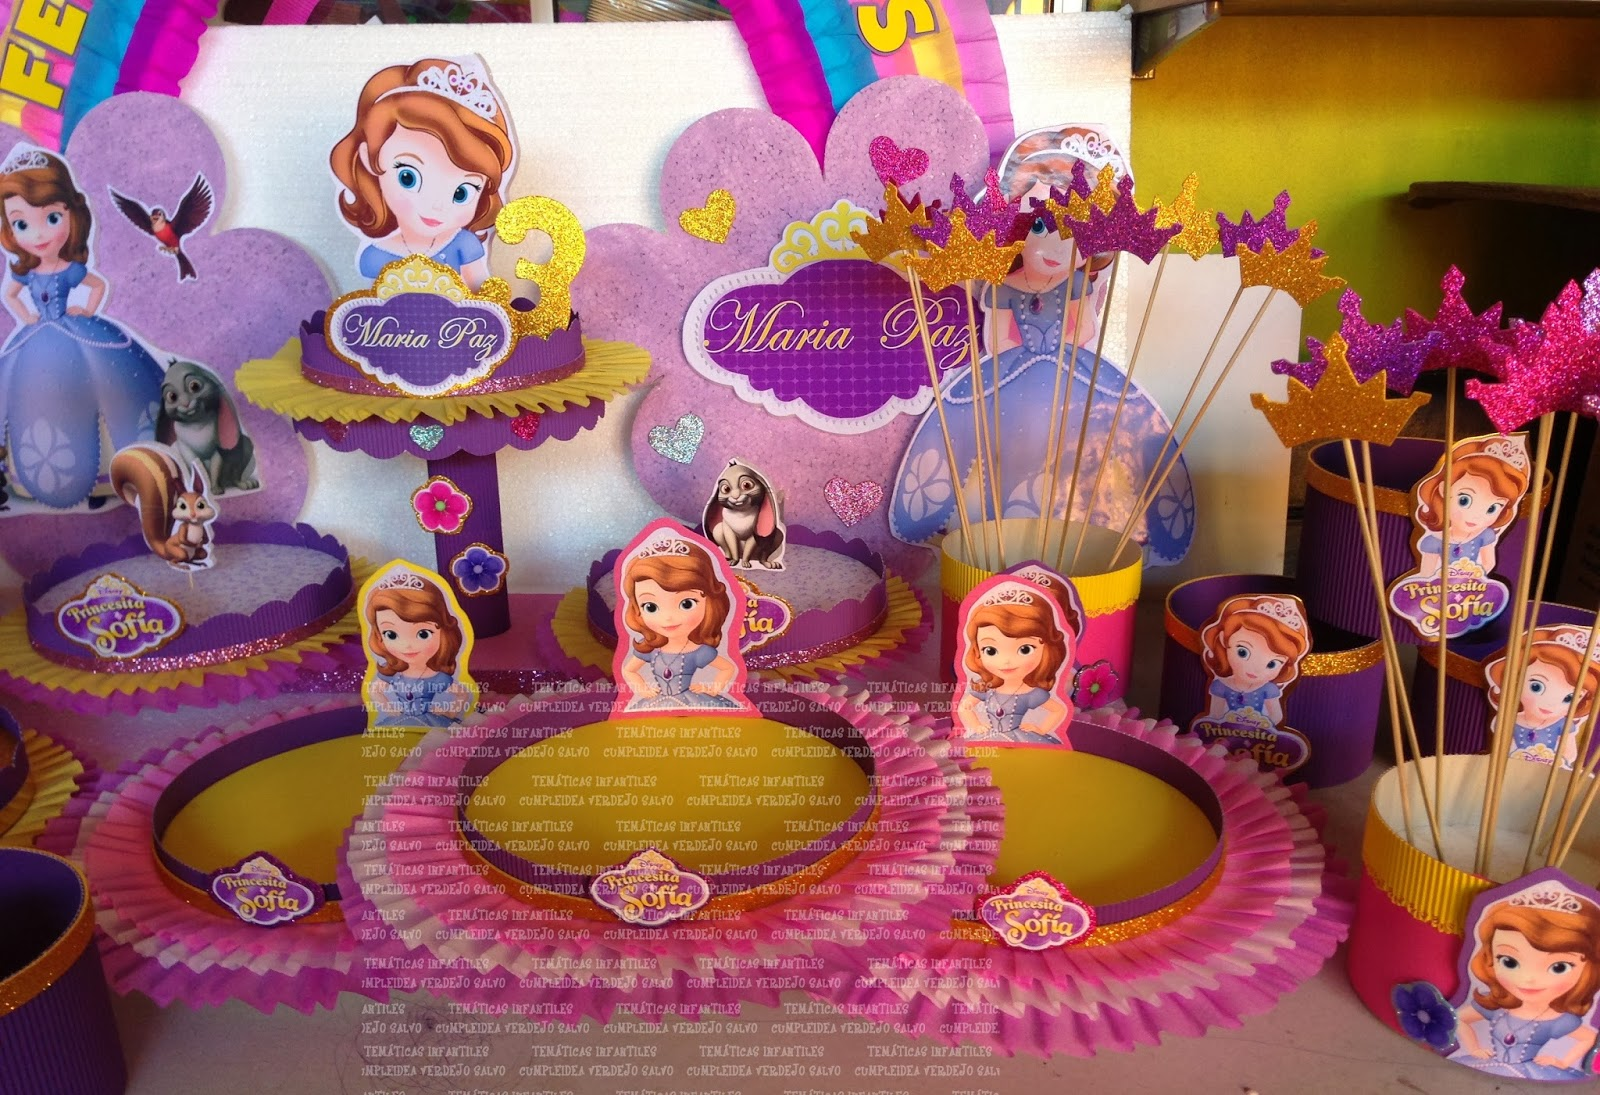 Decoracion de princesa sofa decoraciones princesita sofia for Decoracion de princesas